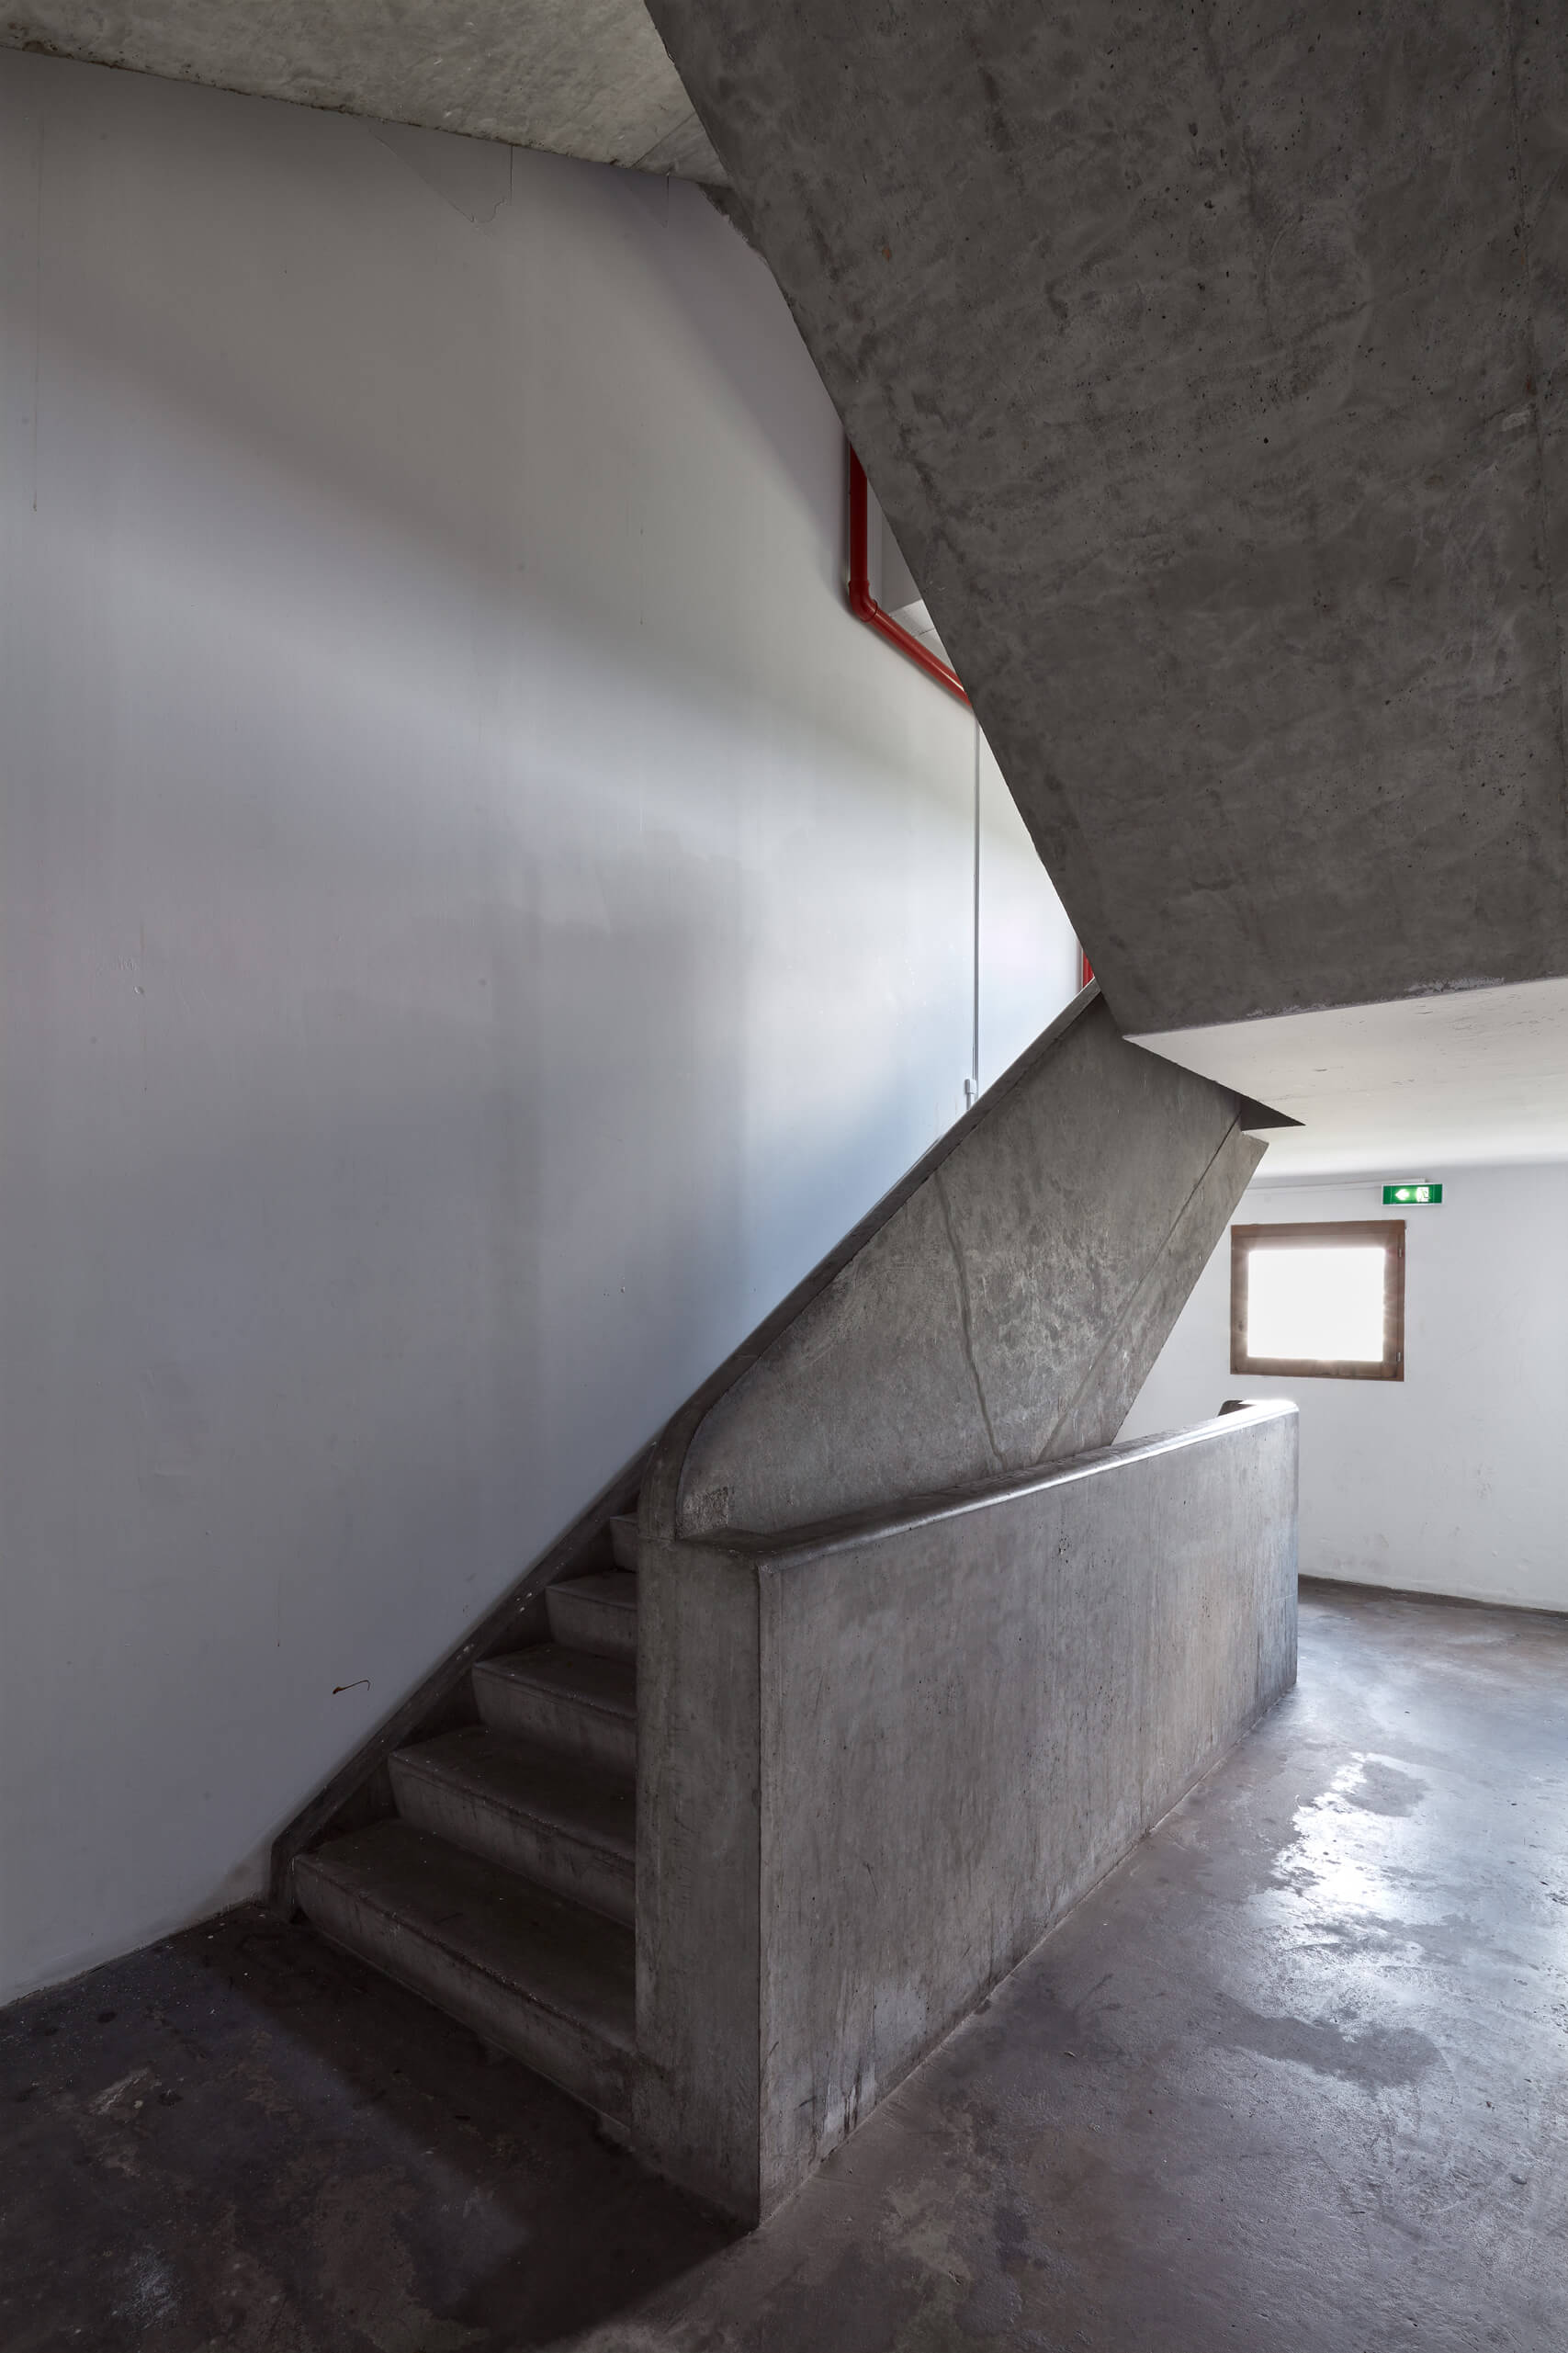 Federico_Covre_Unité_Firminy_Le_Corbusier_2018_49